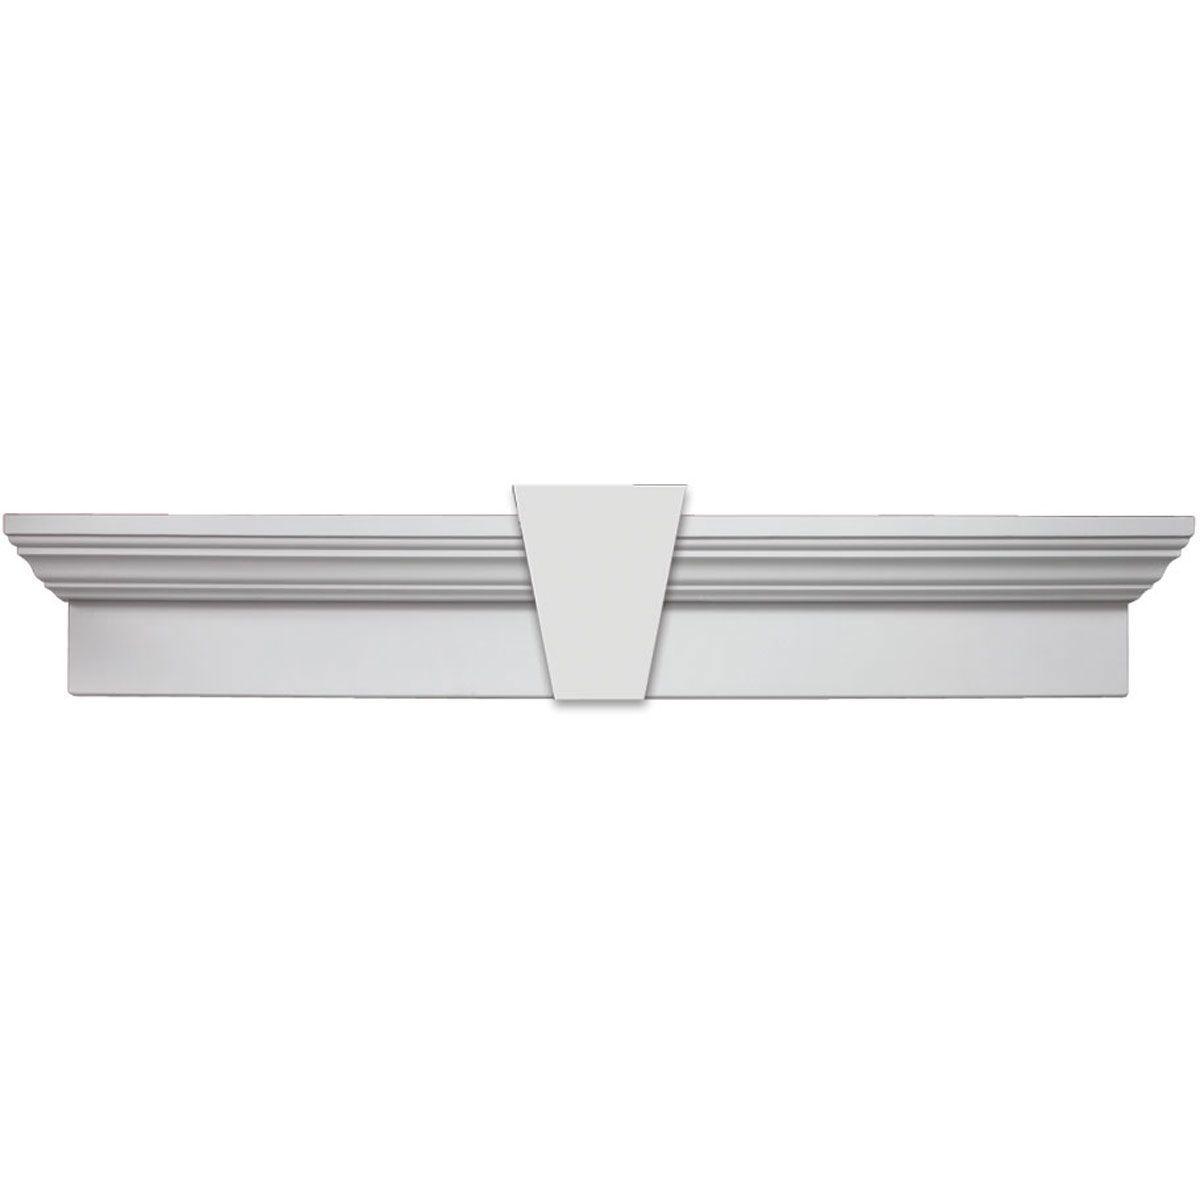 Veranda 3 4 In X 1 1 2 In X 8 Ft White Pvc Trim 15 Pack 827000000 The Home Depot Pvc Trim Pvc Board Pvc Trim Boards